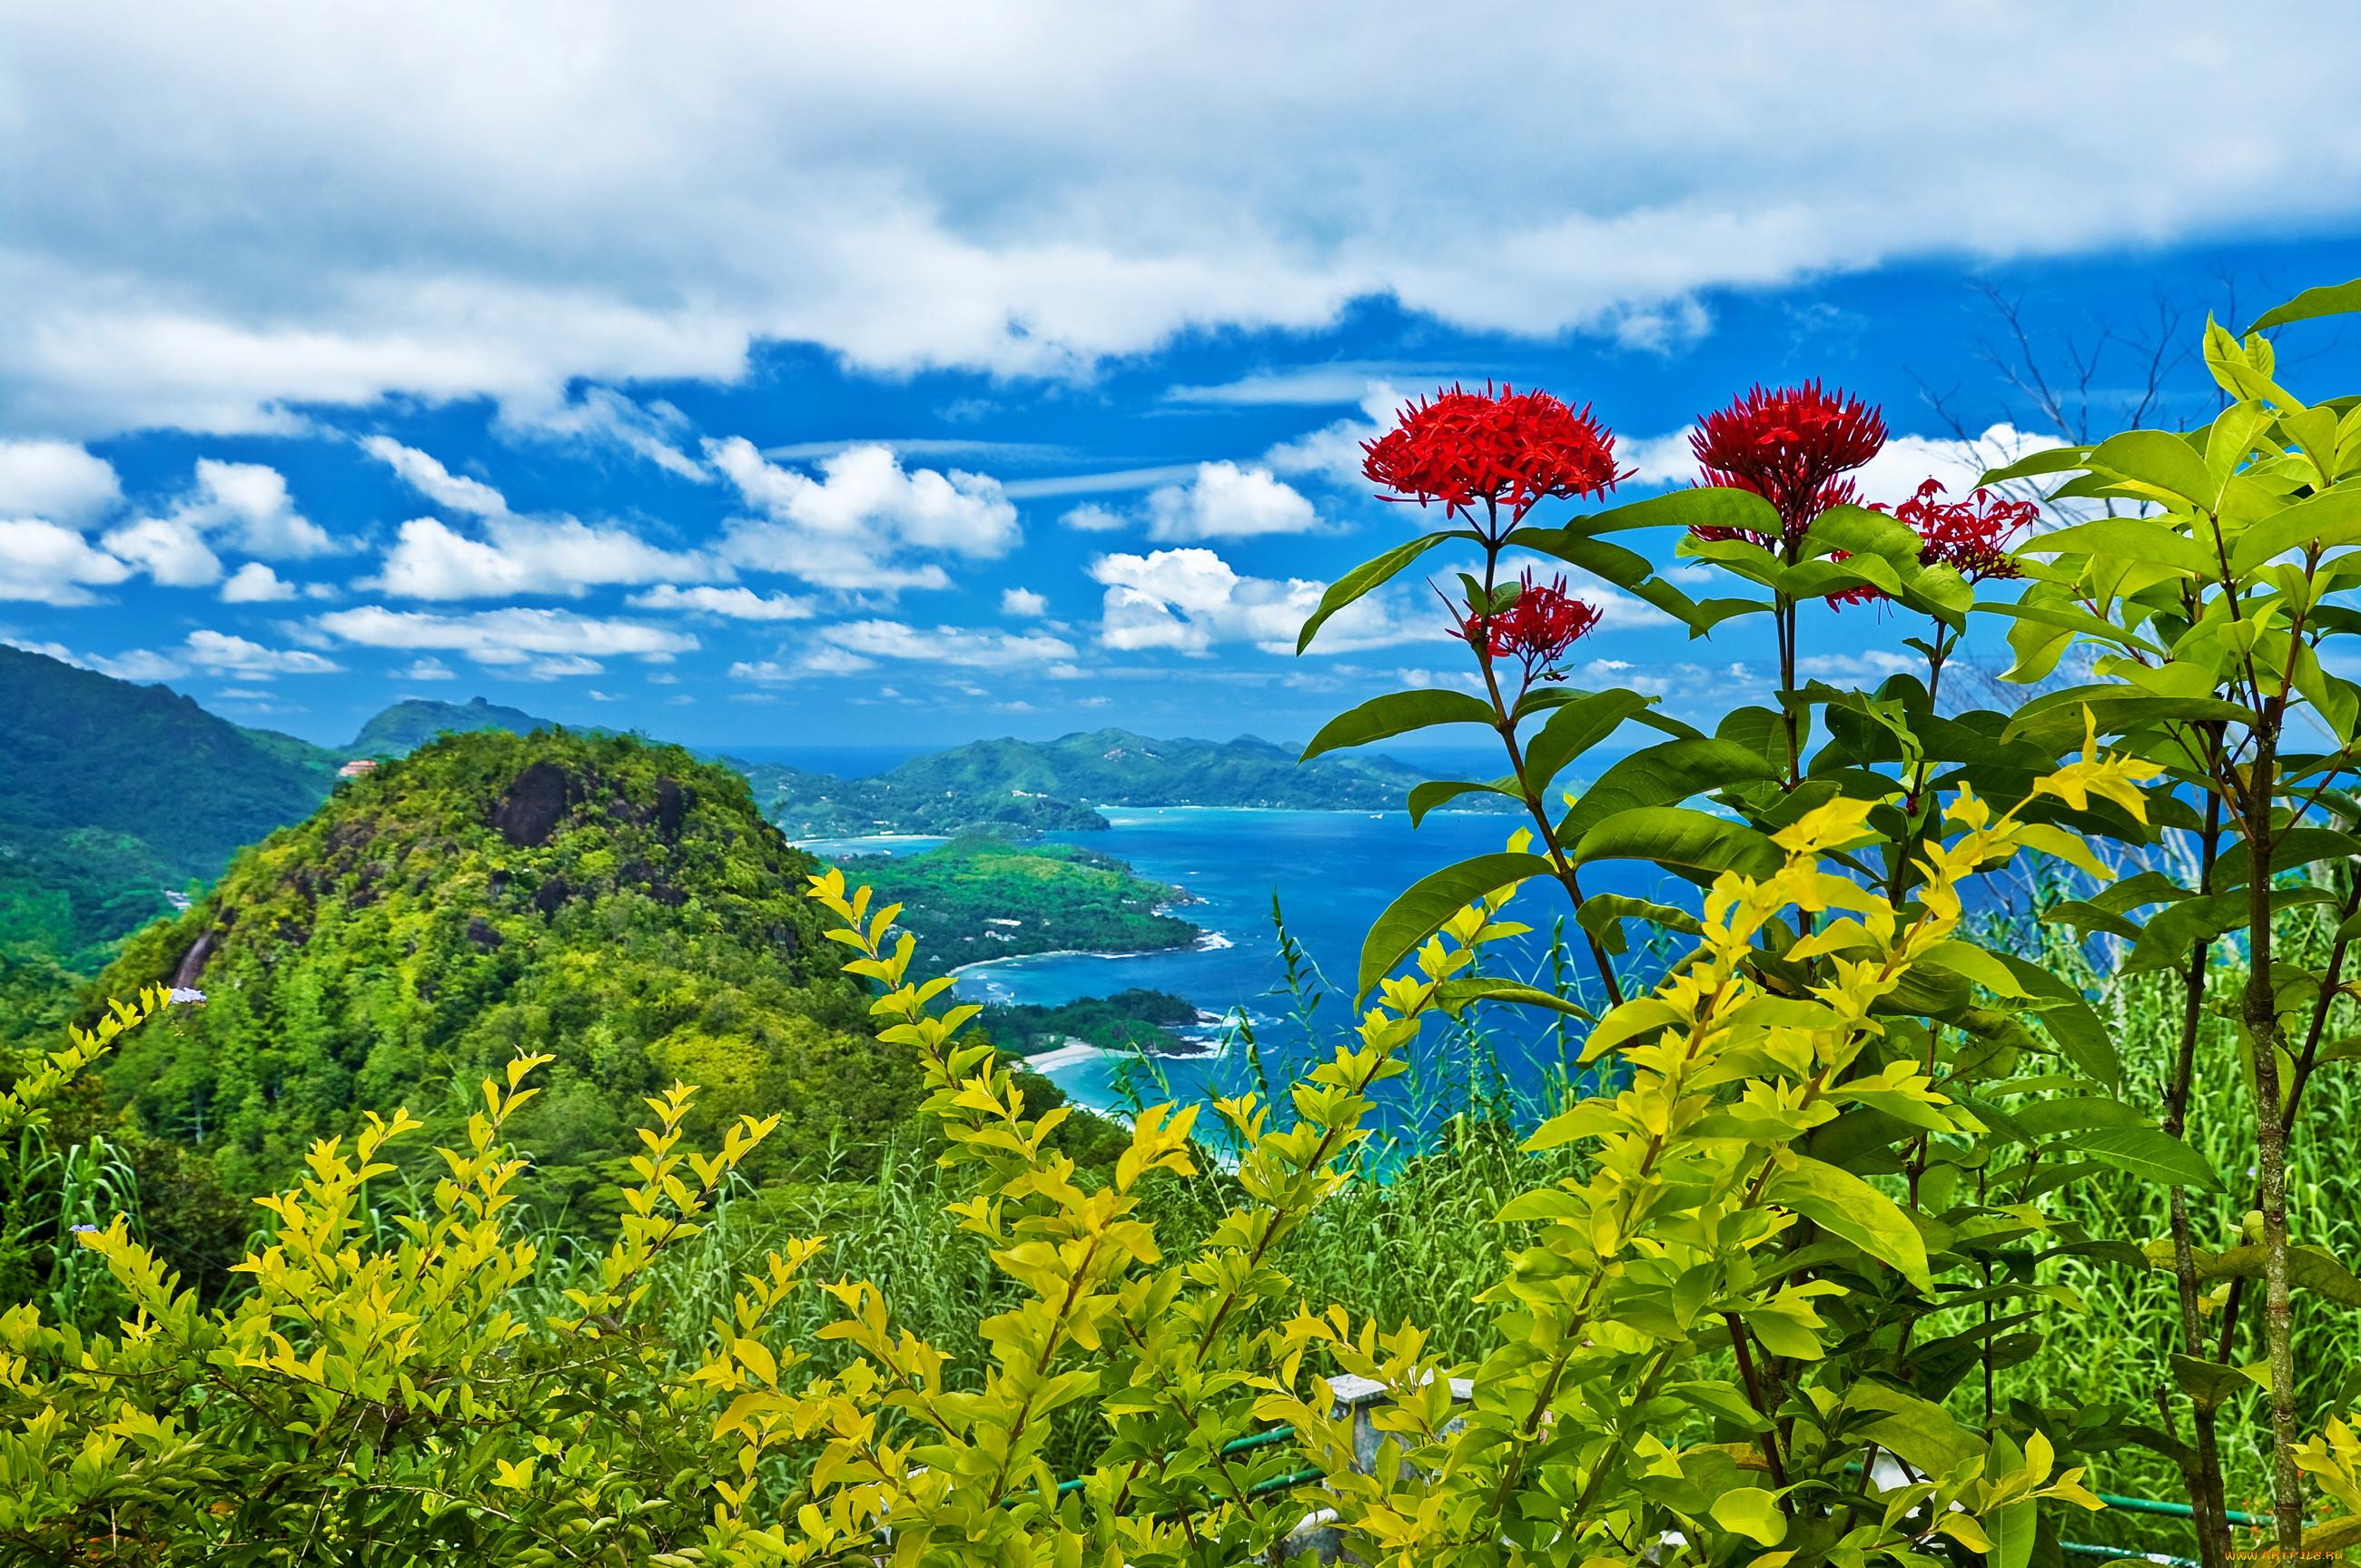 картинки пейзажи с красивой природой и цветами дерево